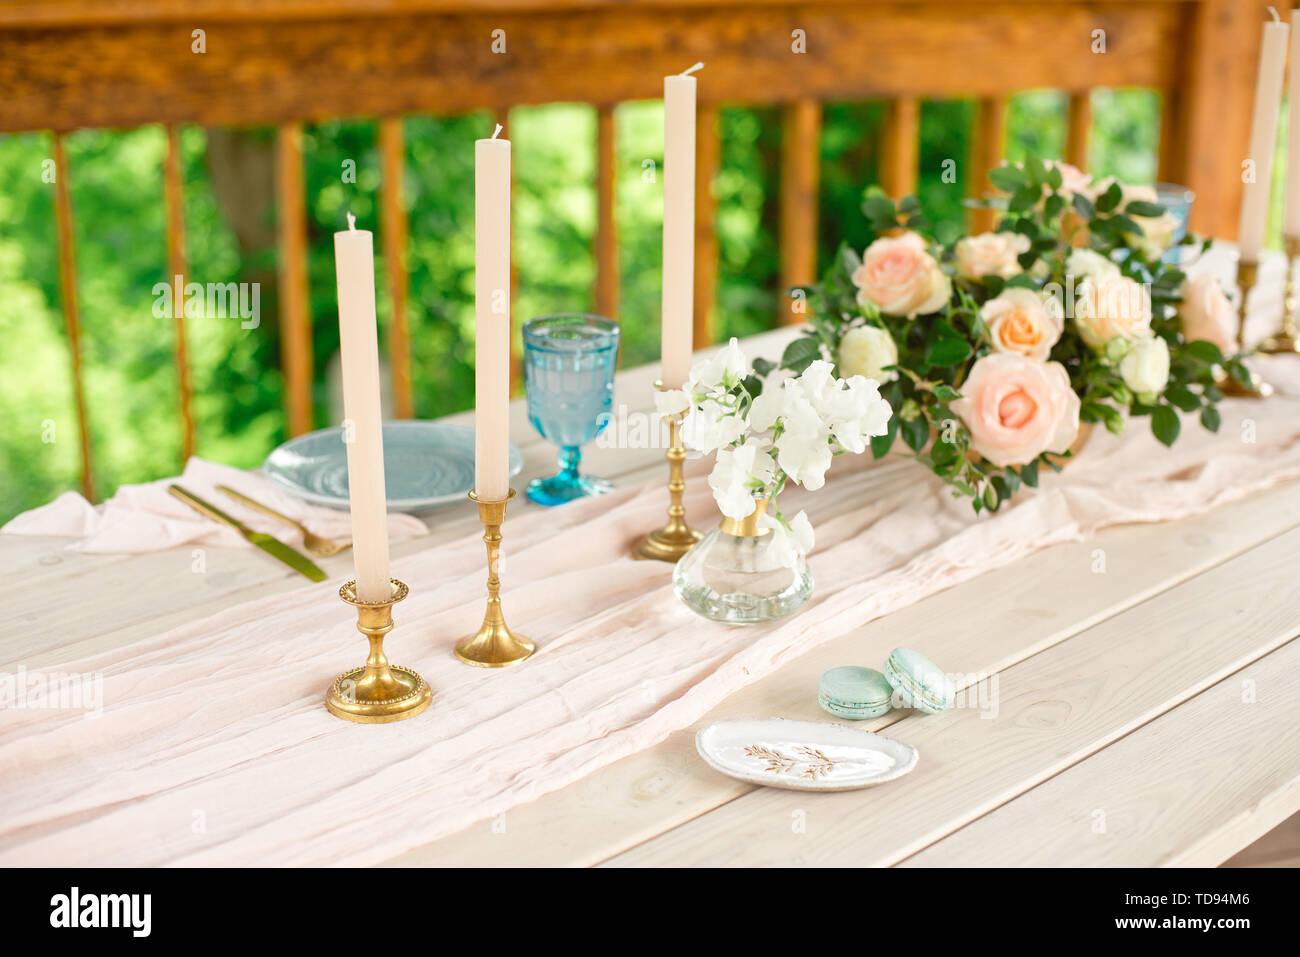 Hochzeit Dekoration Tisch Im Garten Blumenschmuck Kerzen